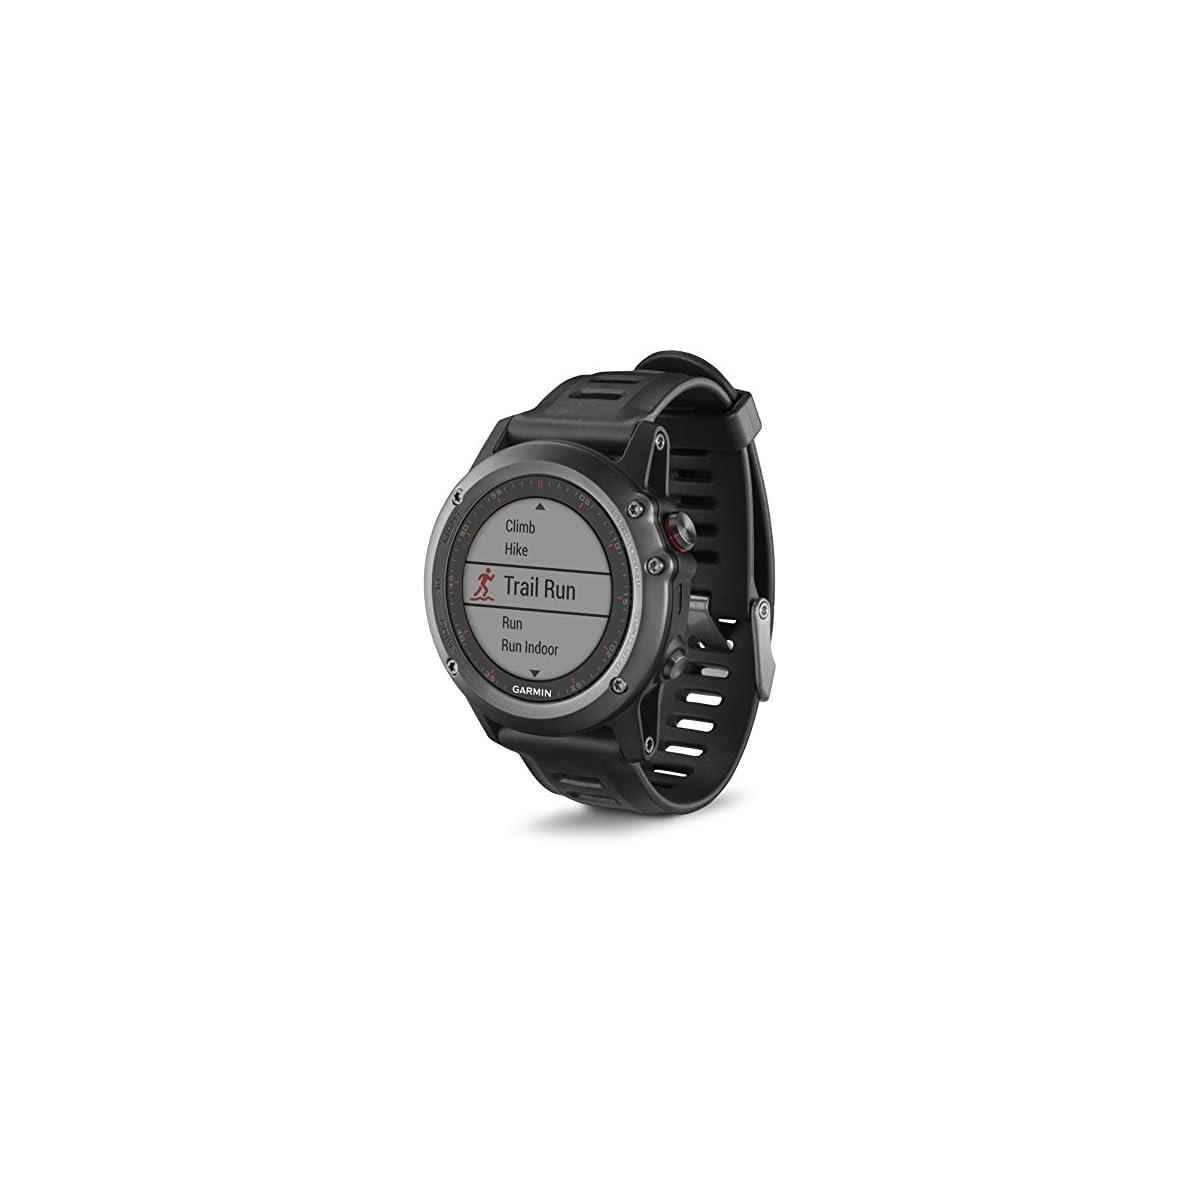 512HHSLMoJL. SS1200  - Garmin Fénix 3 - Reloj